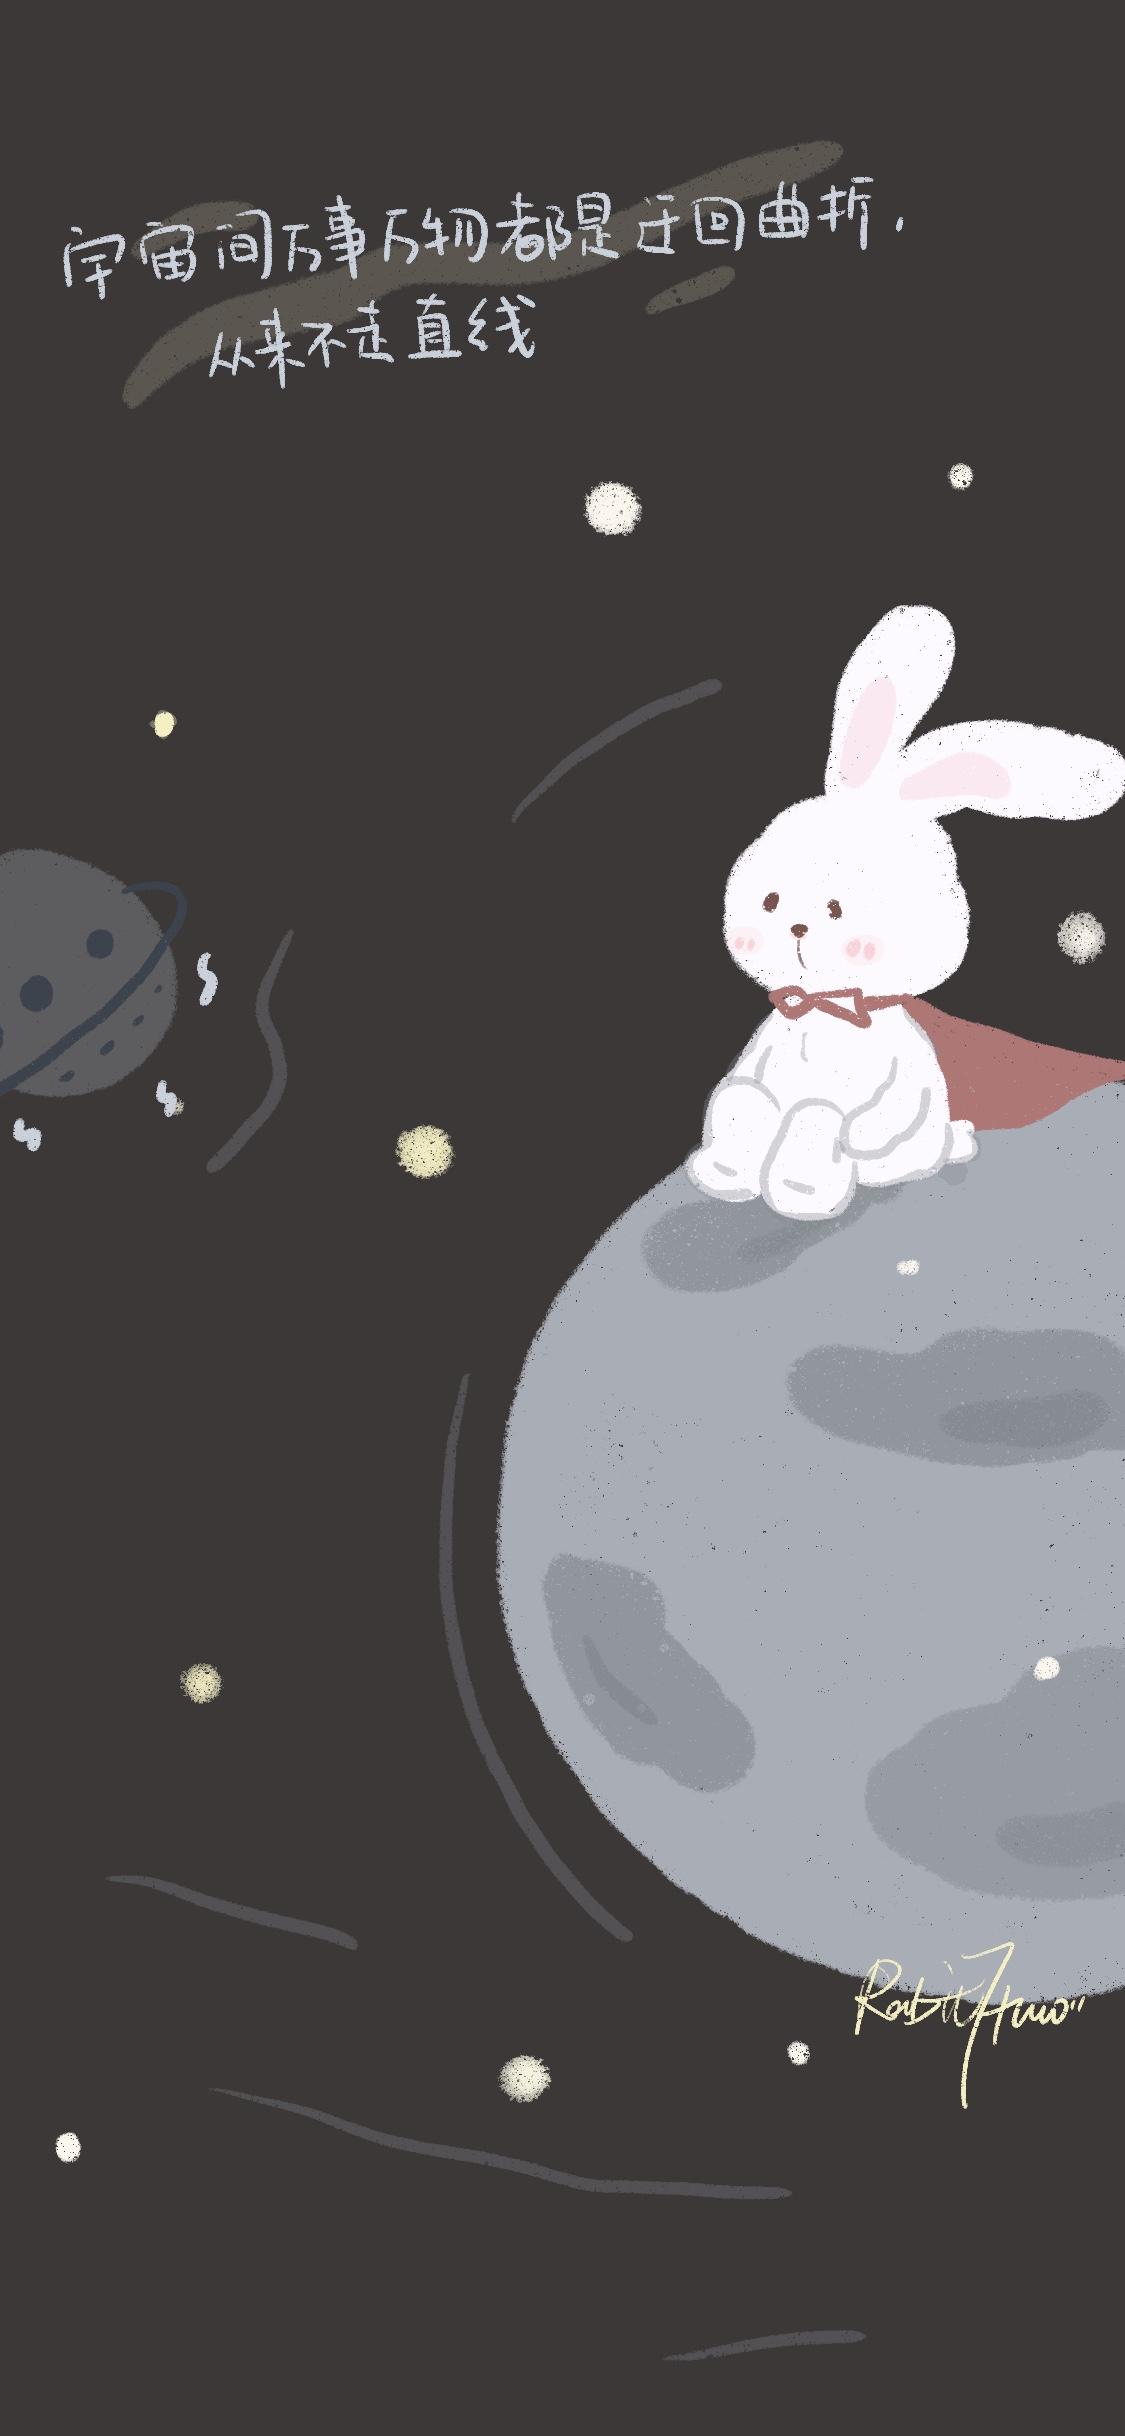 朋友圈晚安心语图片:最温暖的两个字,是从你口中说出的晚安~